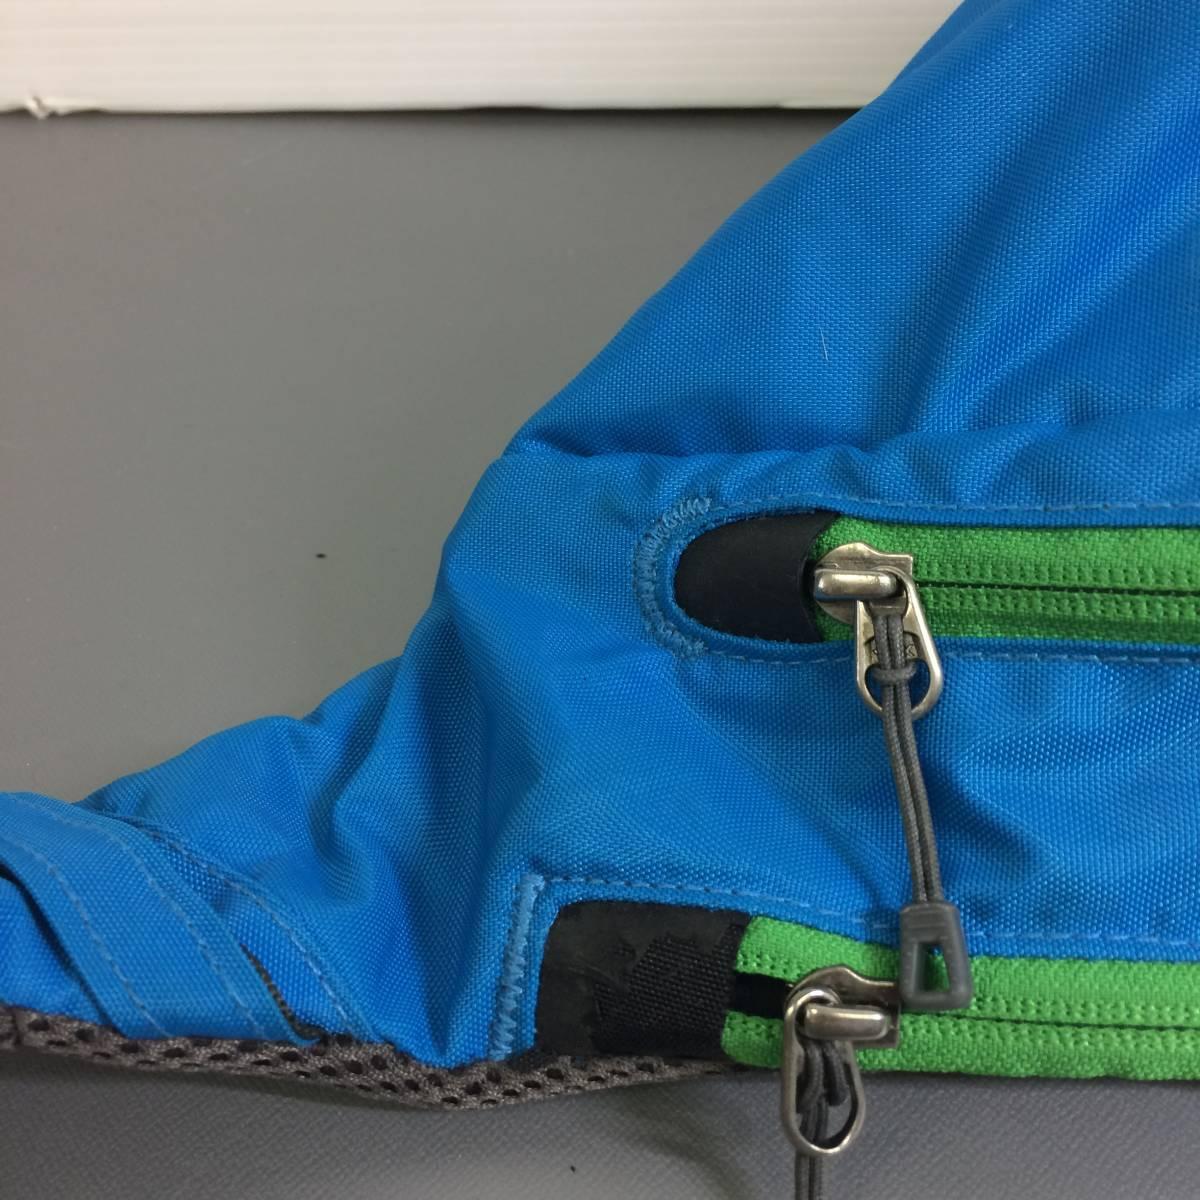 パタゴニア アトムスリングバッグ 廃盤希少品 ボディバッグ ワンショルダー patagonia ATOM 48259